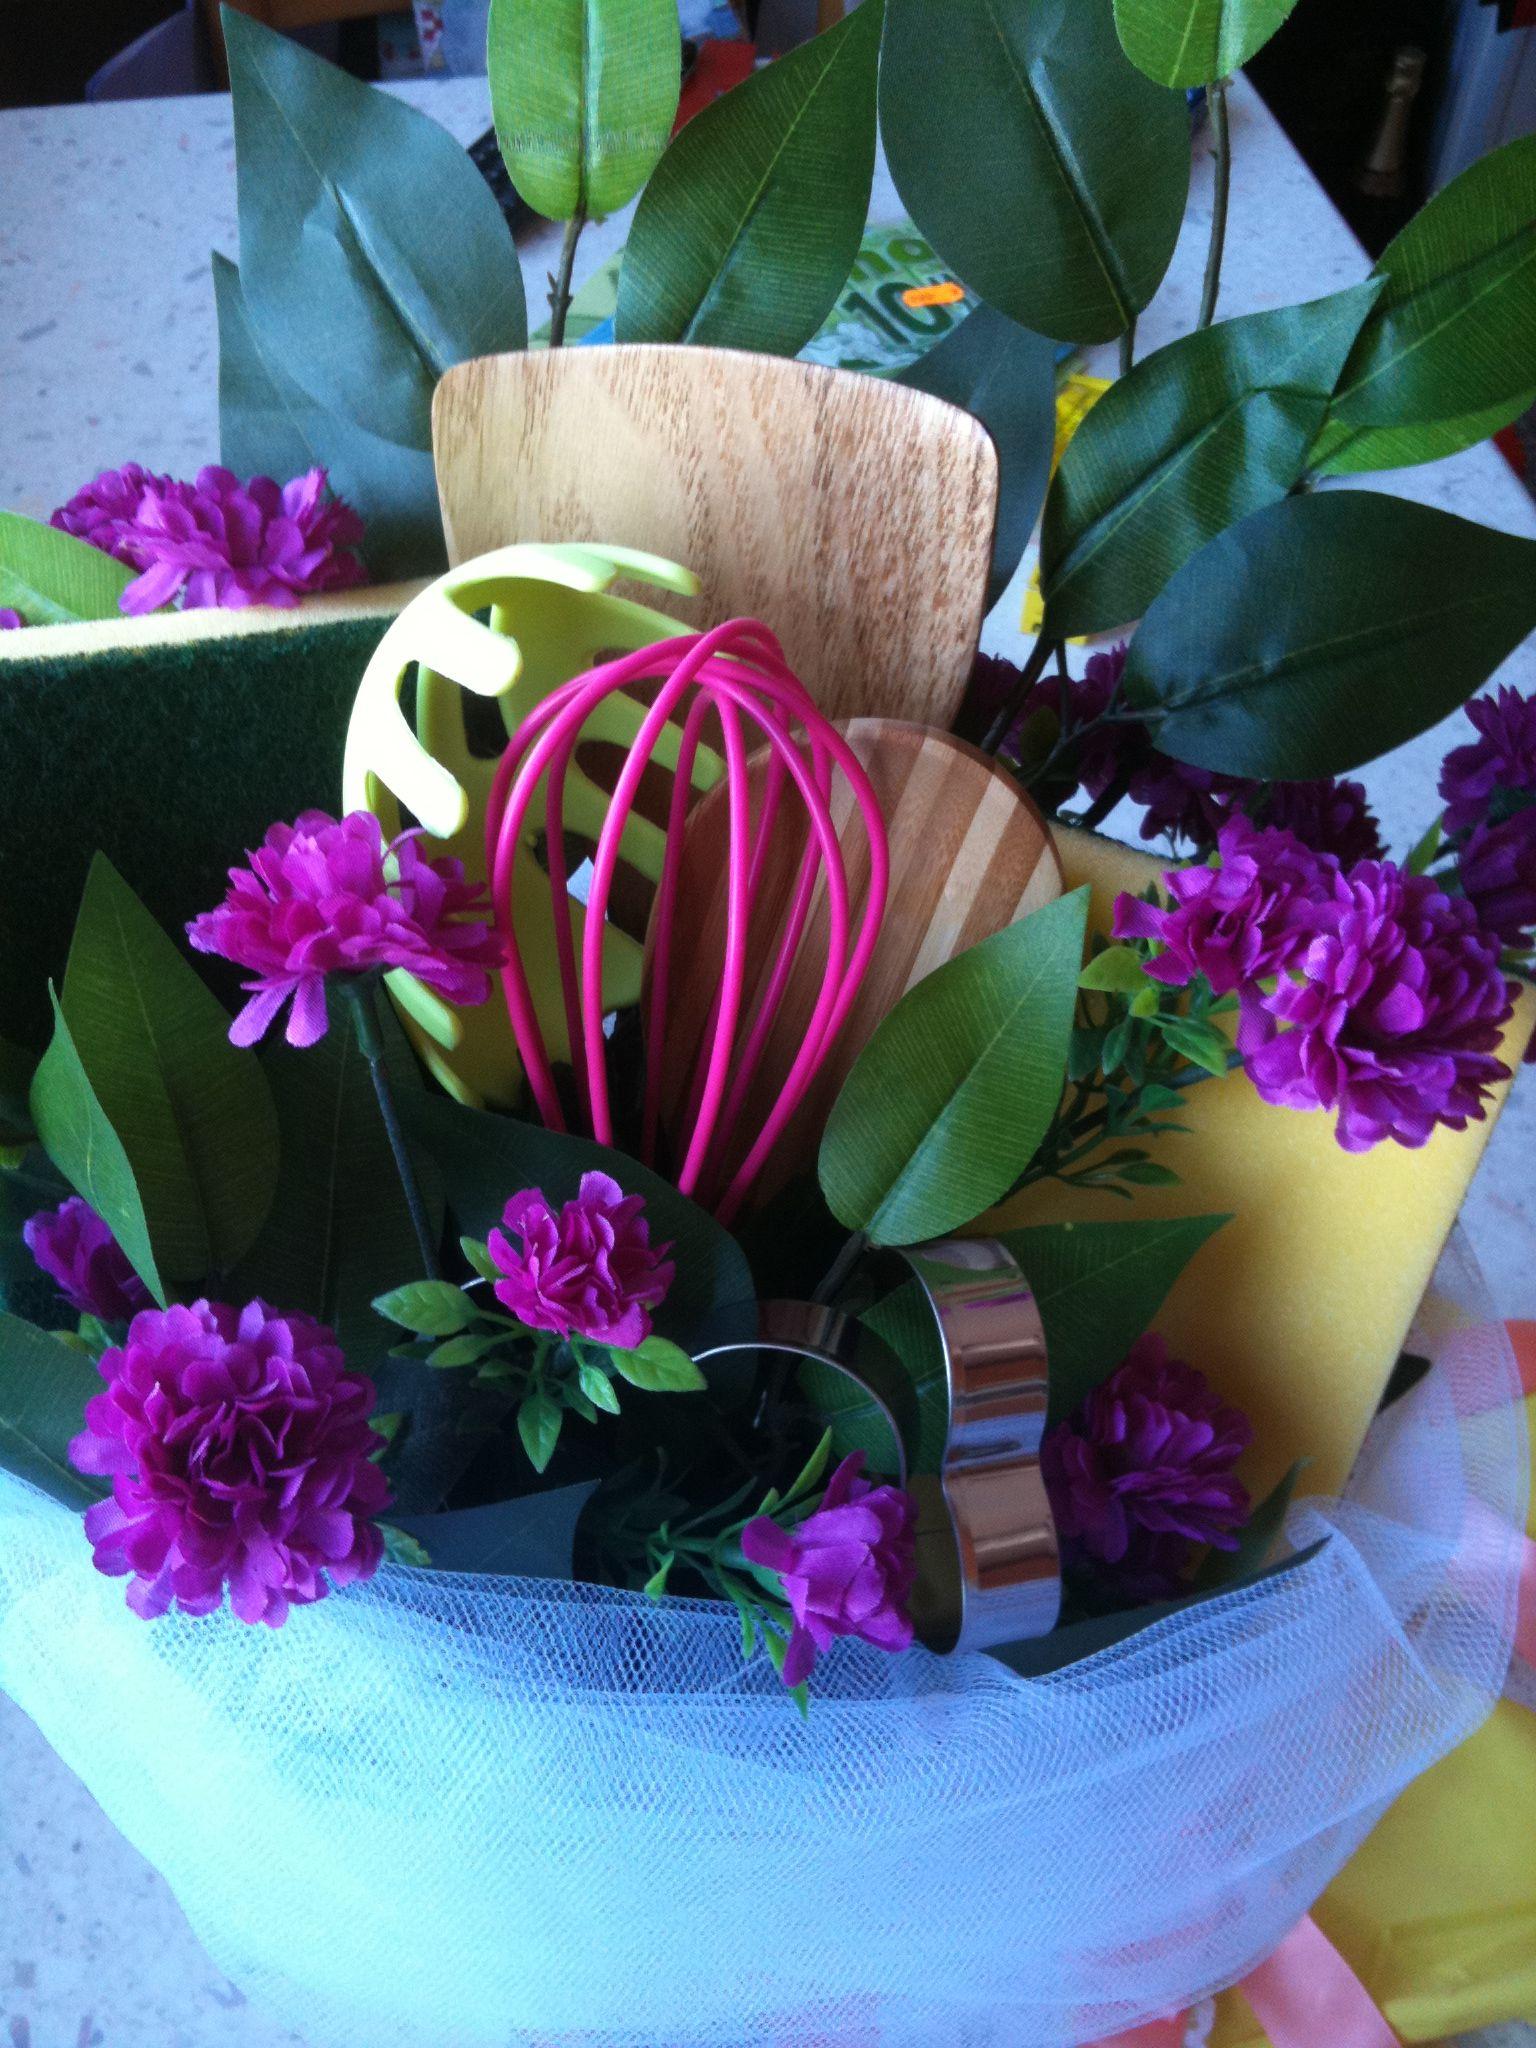 Addio al nubilato idee bouquet sposa fatto da me - Scherzi addio al celibato idee ...